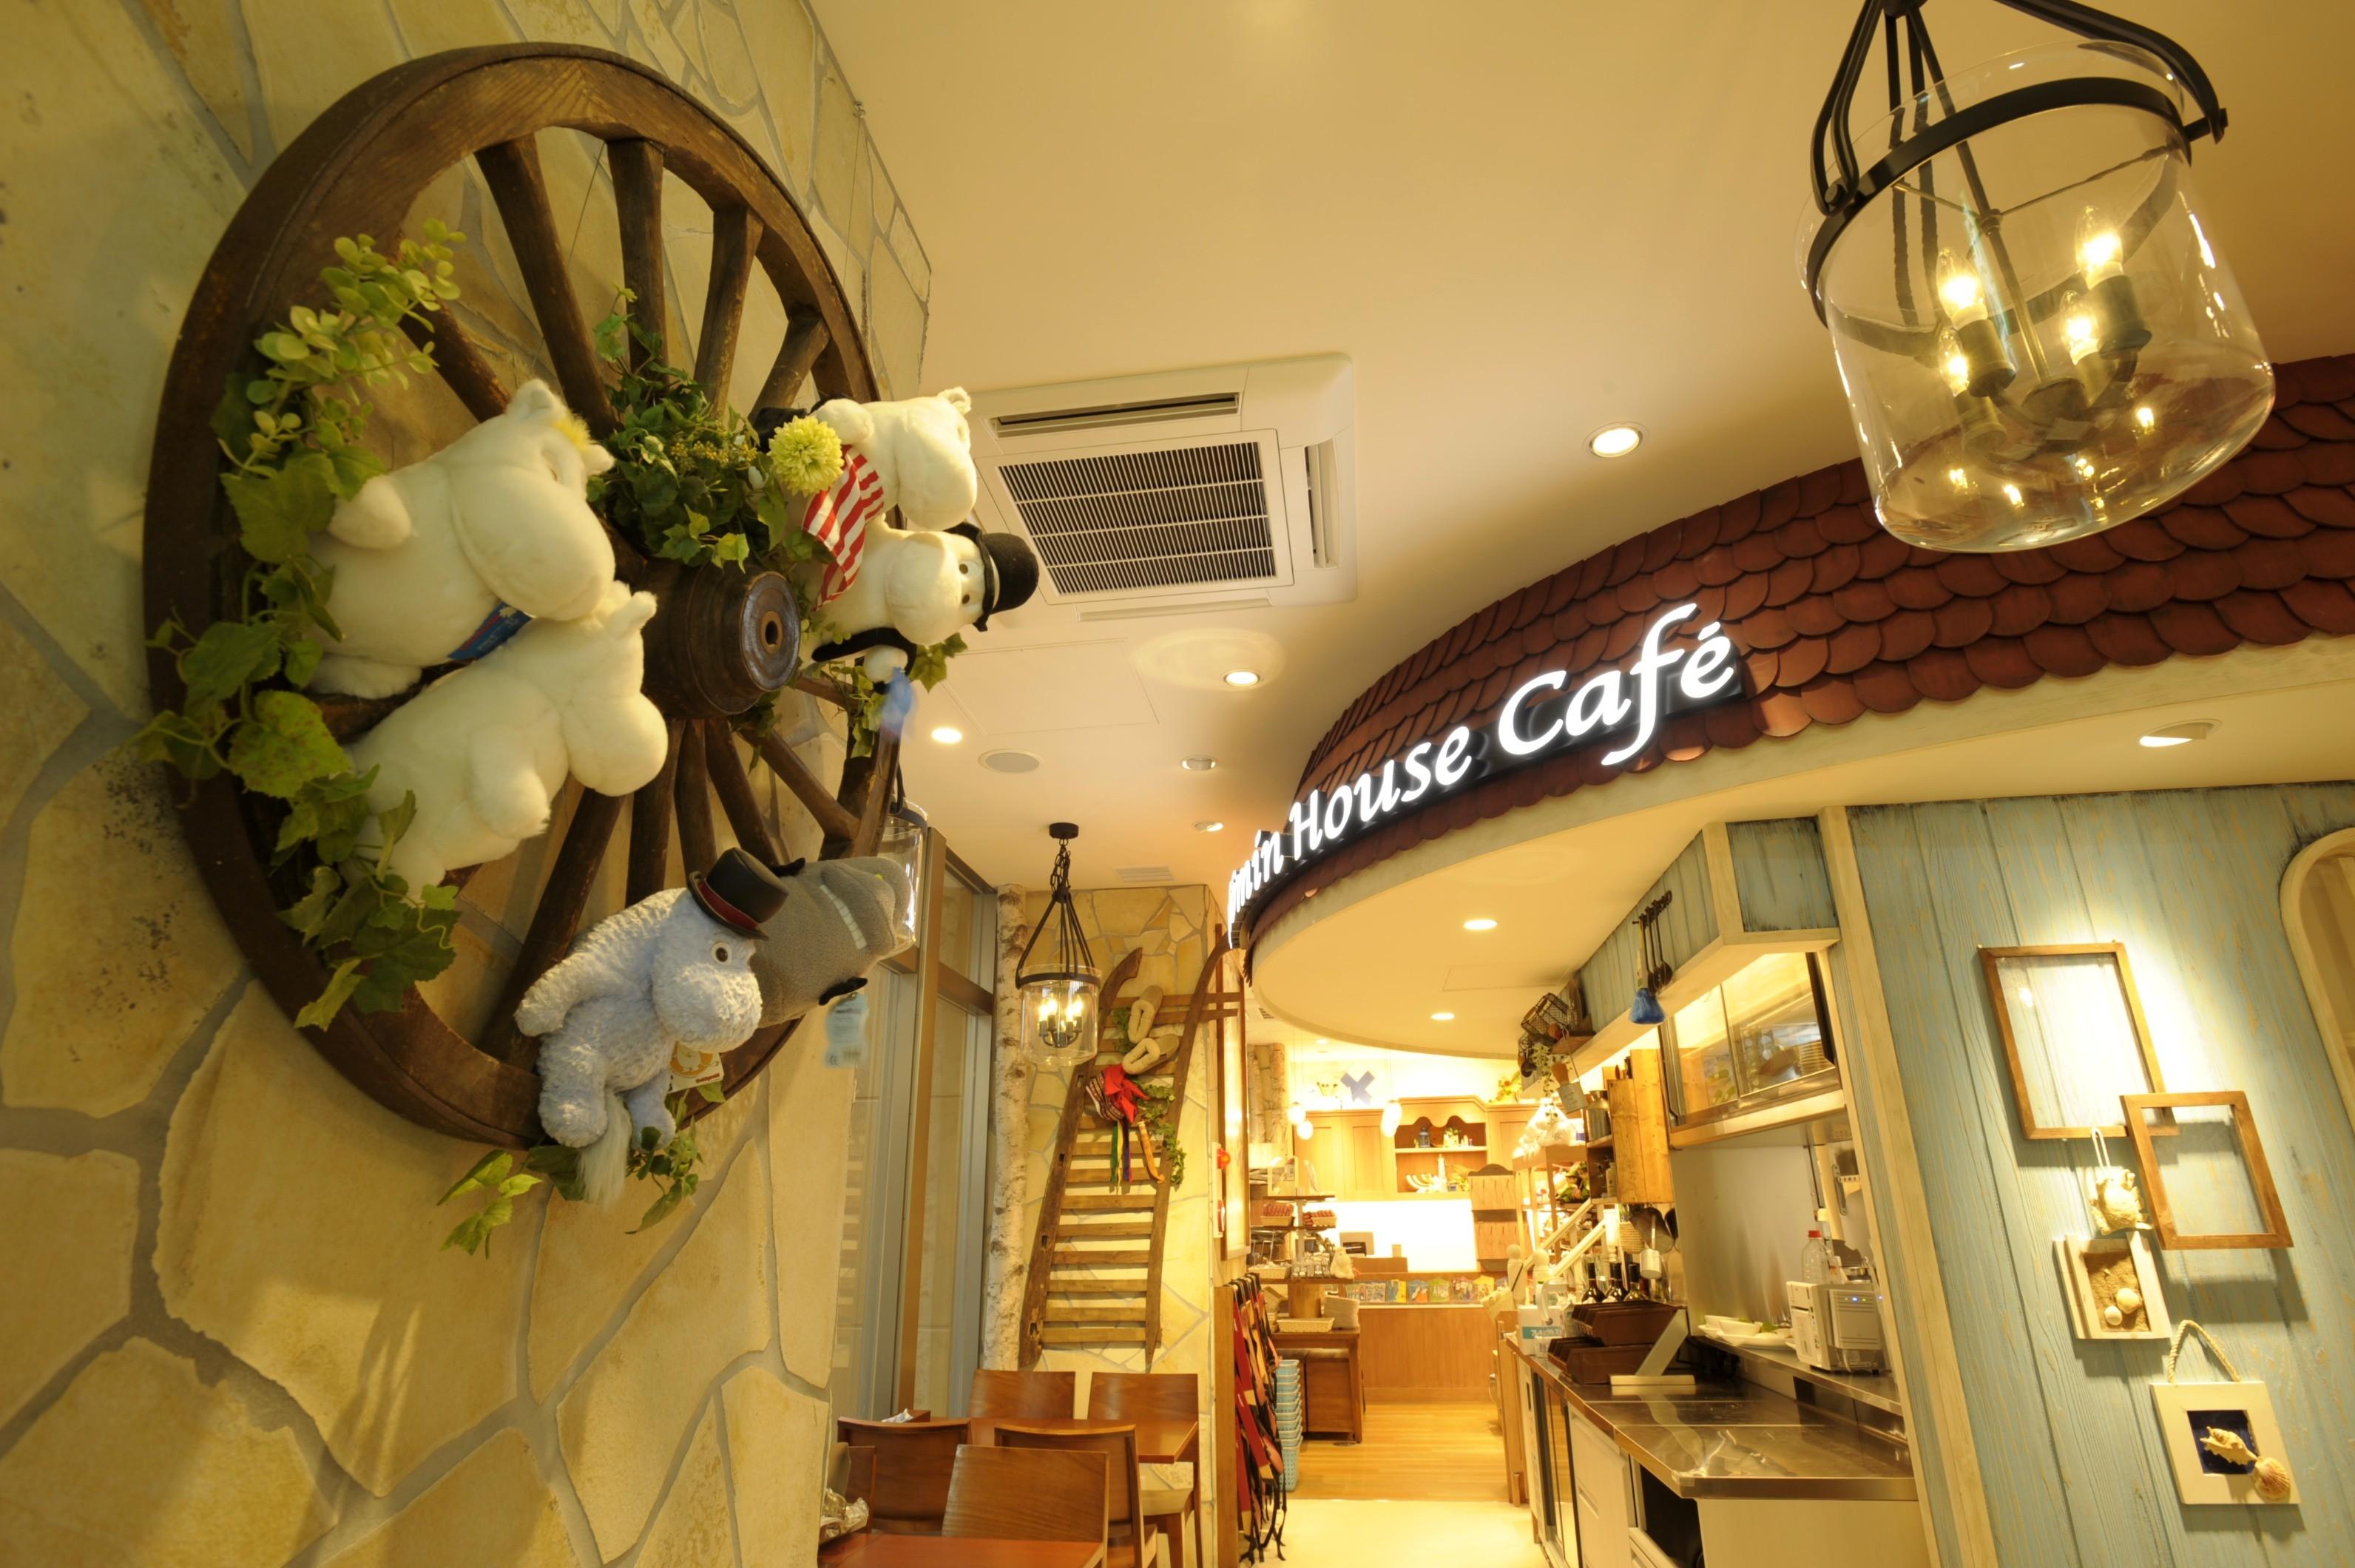 ムーミンハウスカフェ 東京スカイツリータウン・ソラマチ店 のアルバイト情報